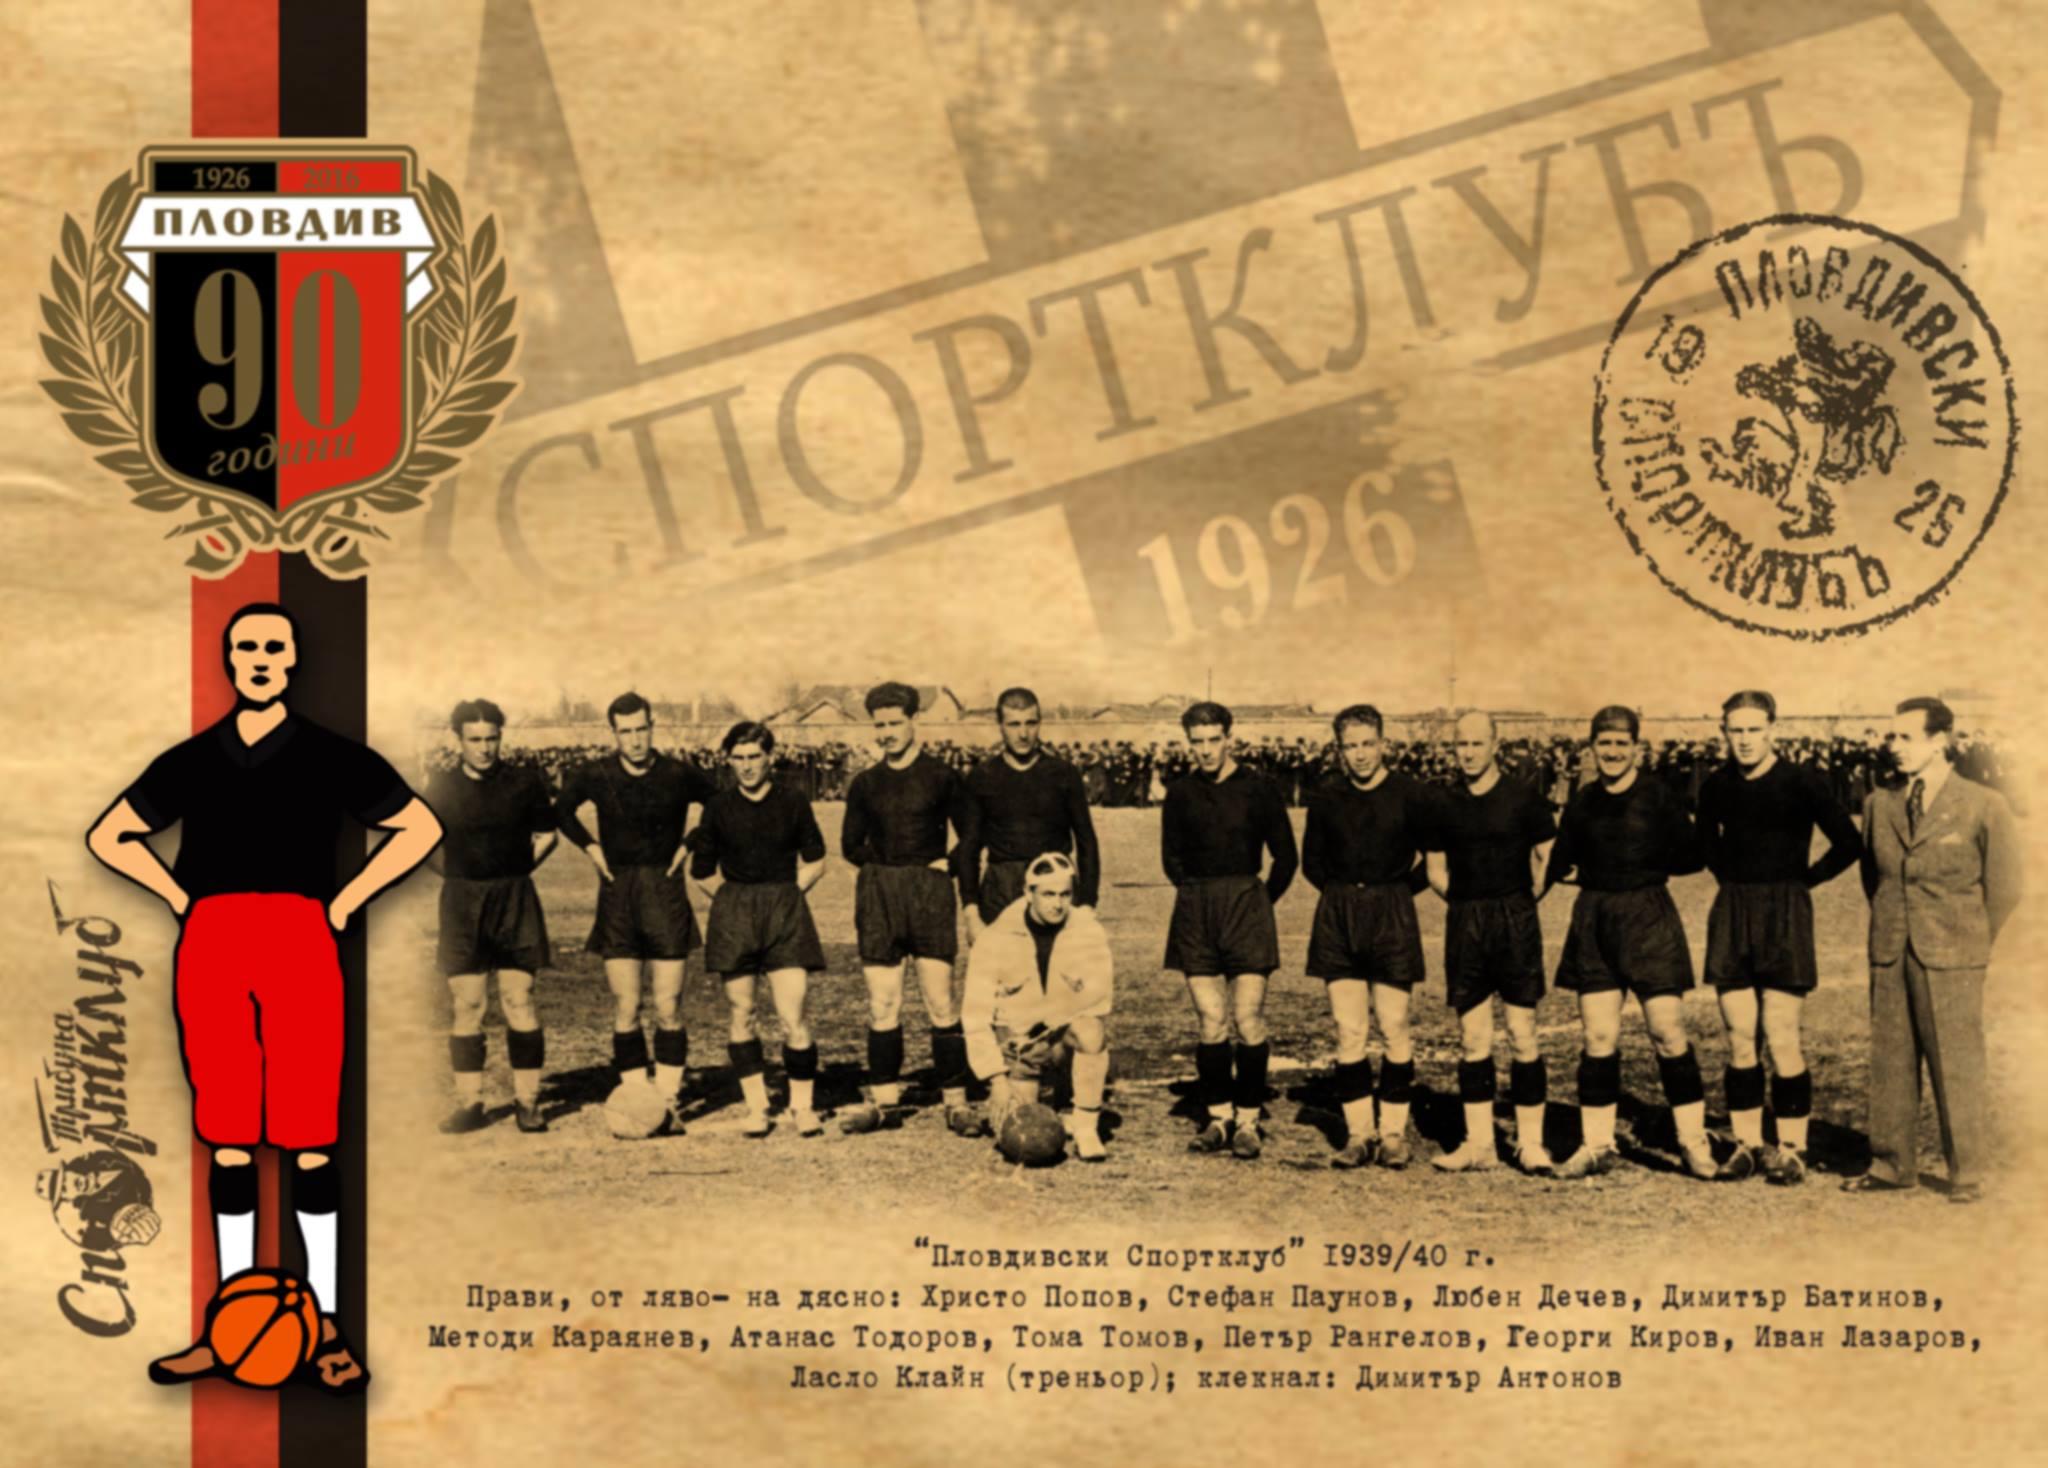 """""""Пловдивски Спортклуб"""" 1939/40"""